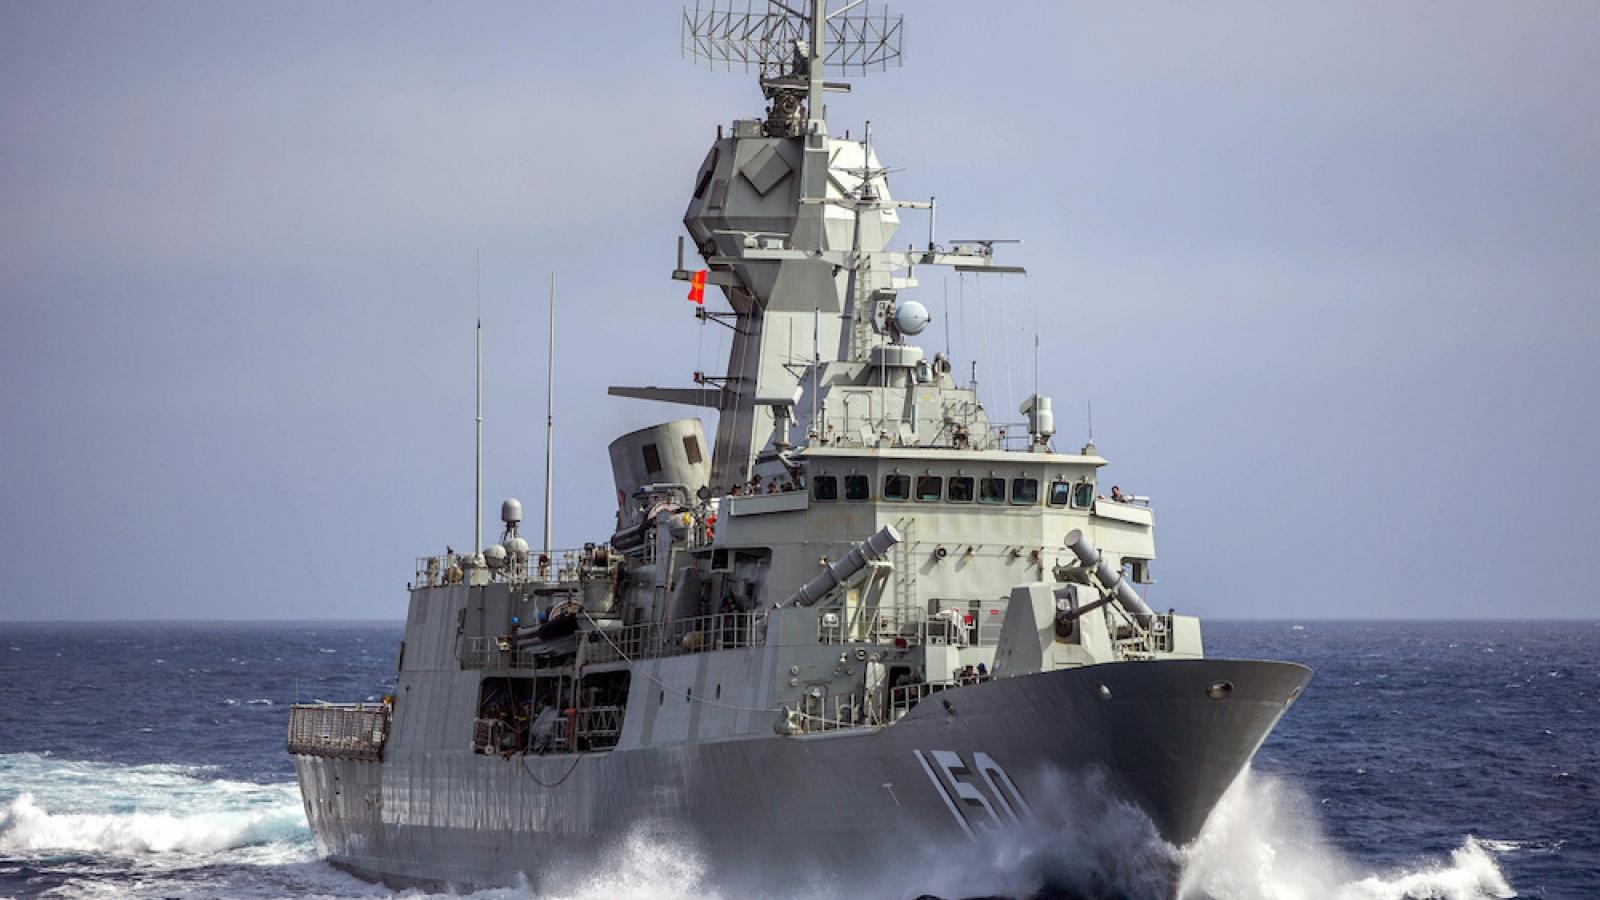 Hải quân nhóm Bộ Tứ và Pháp tập trận tại Ấn Độ Dương